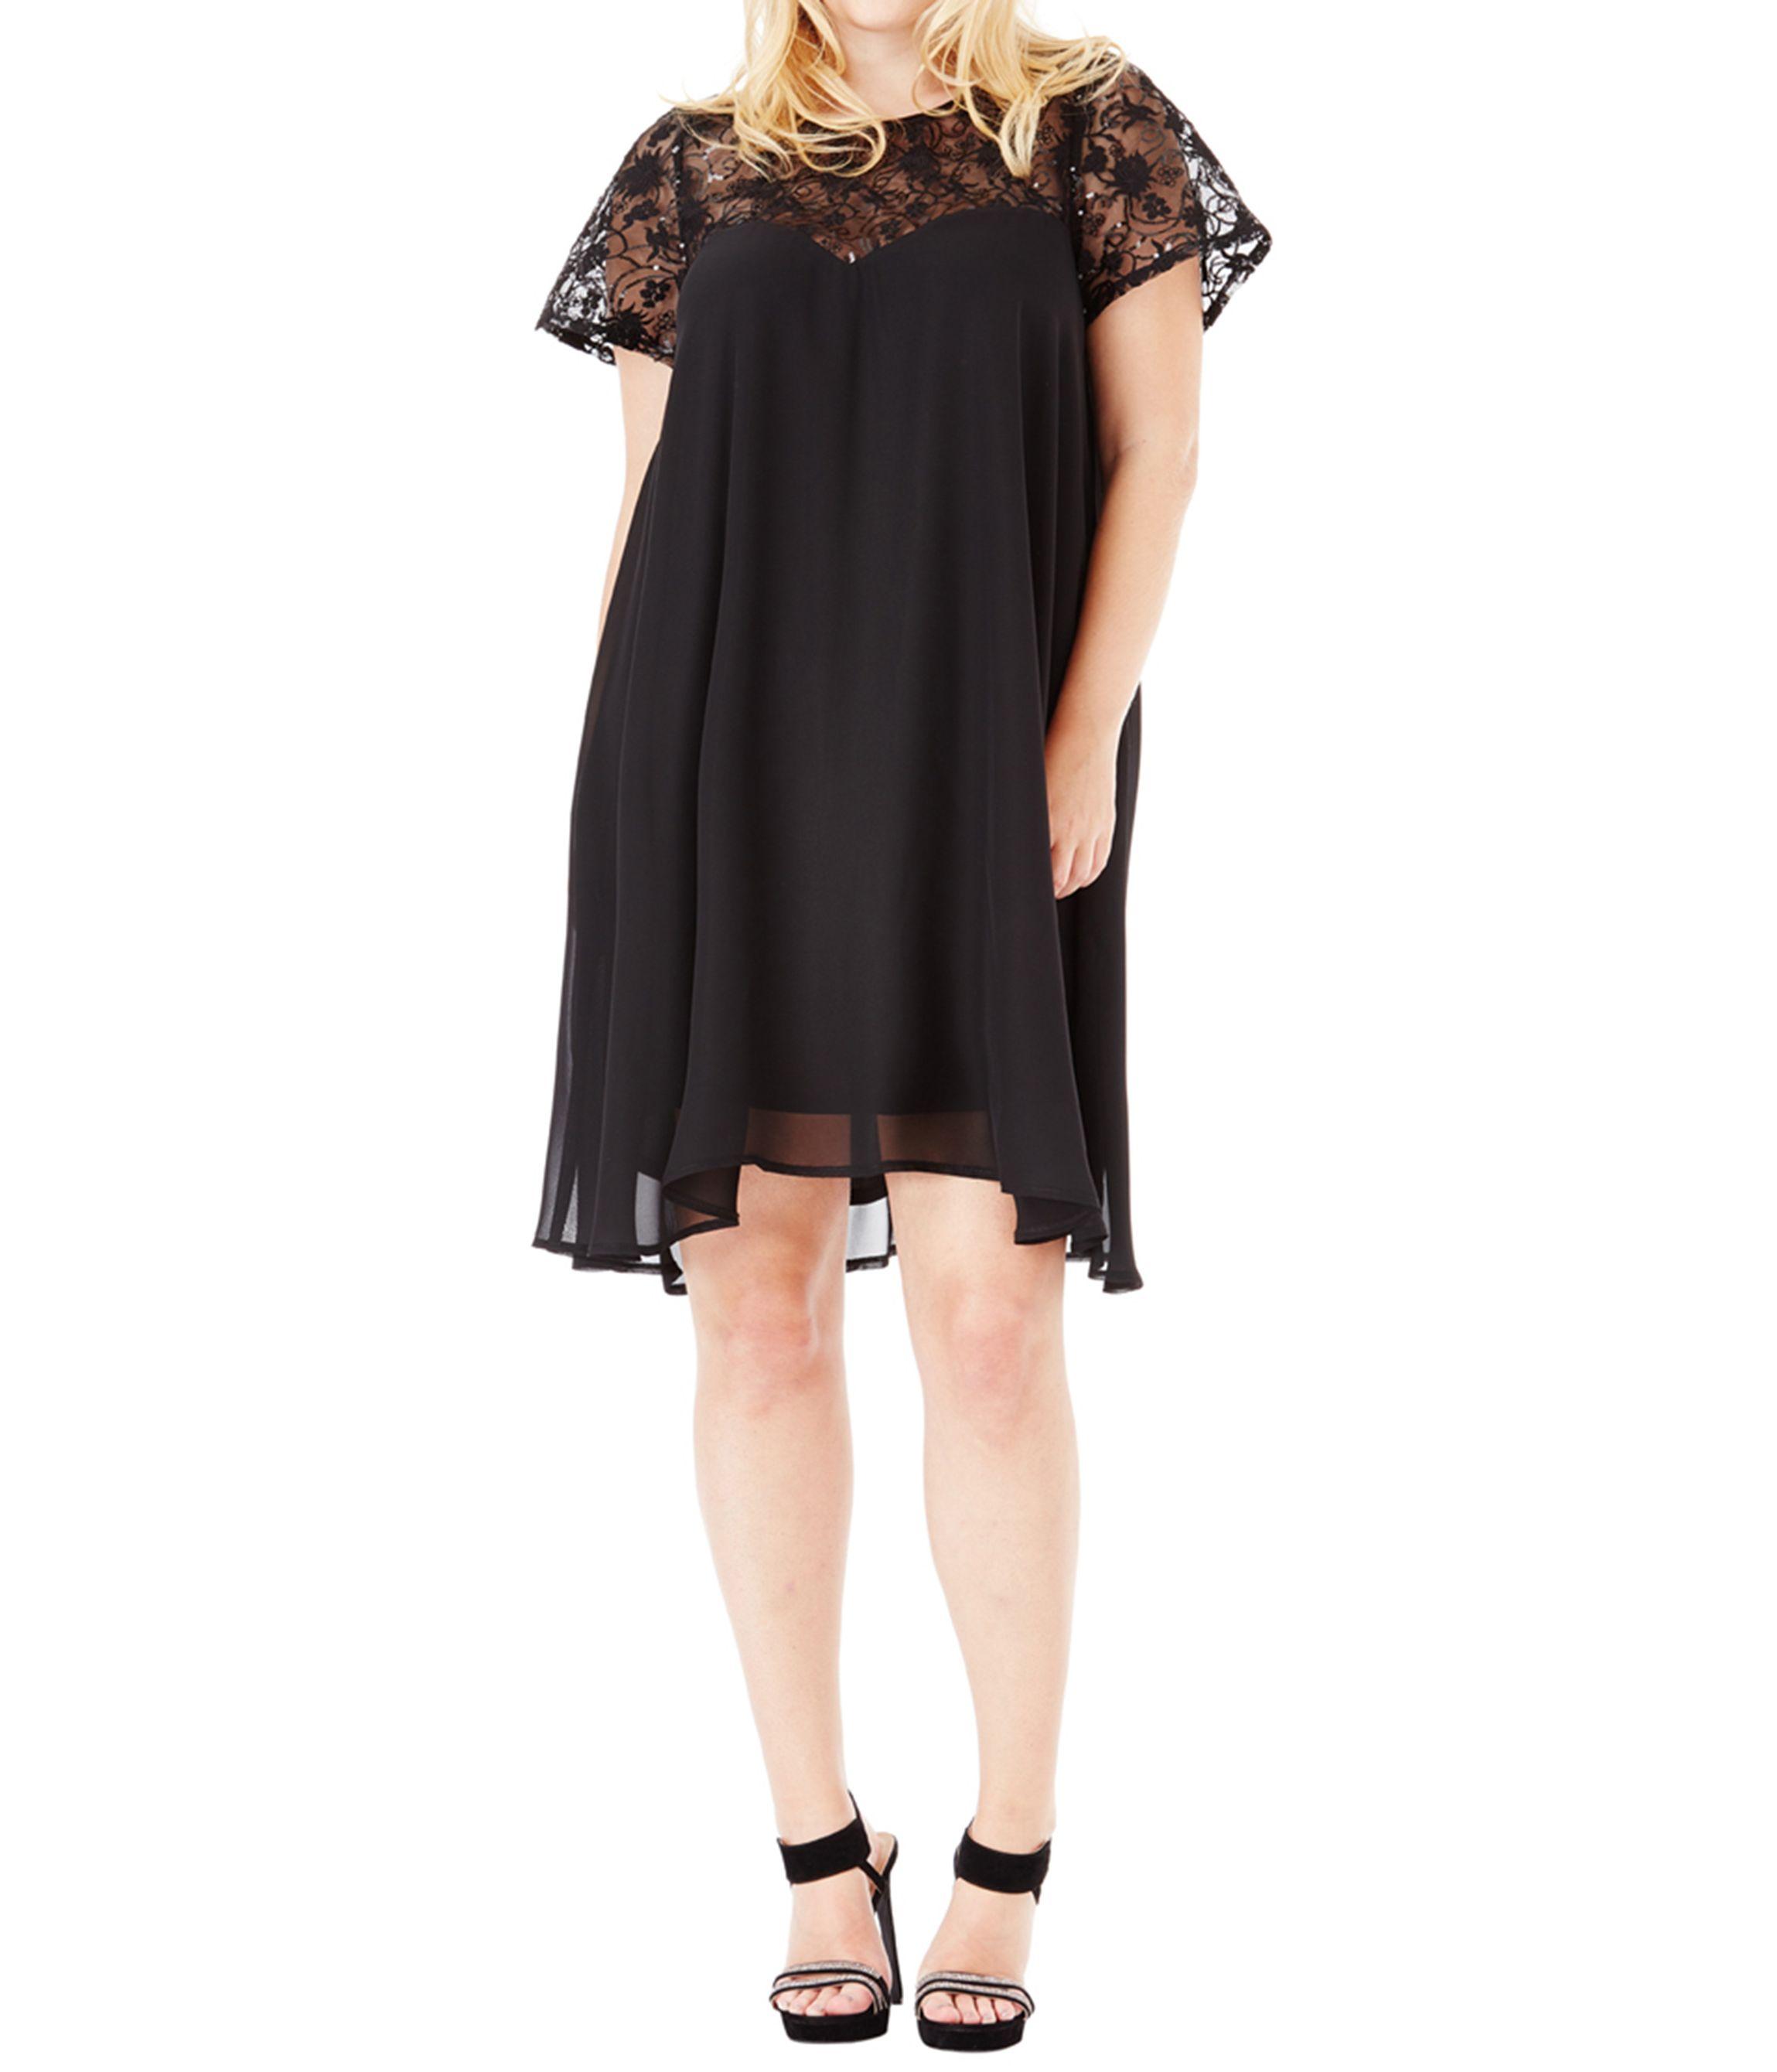 ΜΕΓΑΛΑ ΜΕΓΕΘΗ ΦΟΡΕΜΑΤΑ    Φόρεμα Μαύρο Σιφόν - Μόδα σε μεγάλα μεγέθη ... 45cf2accd29